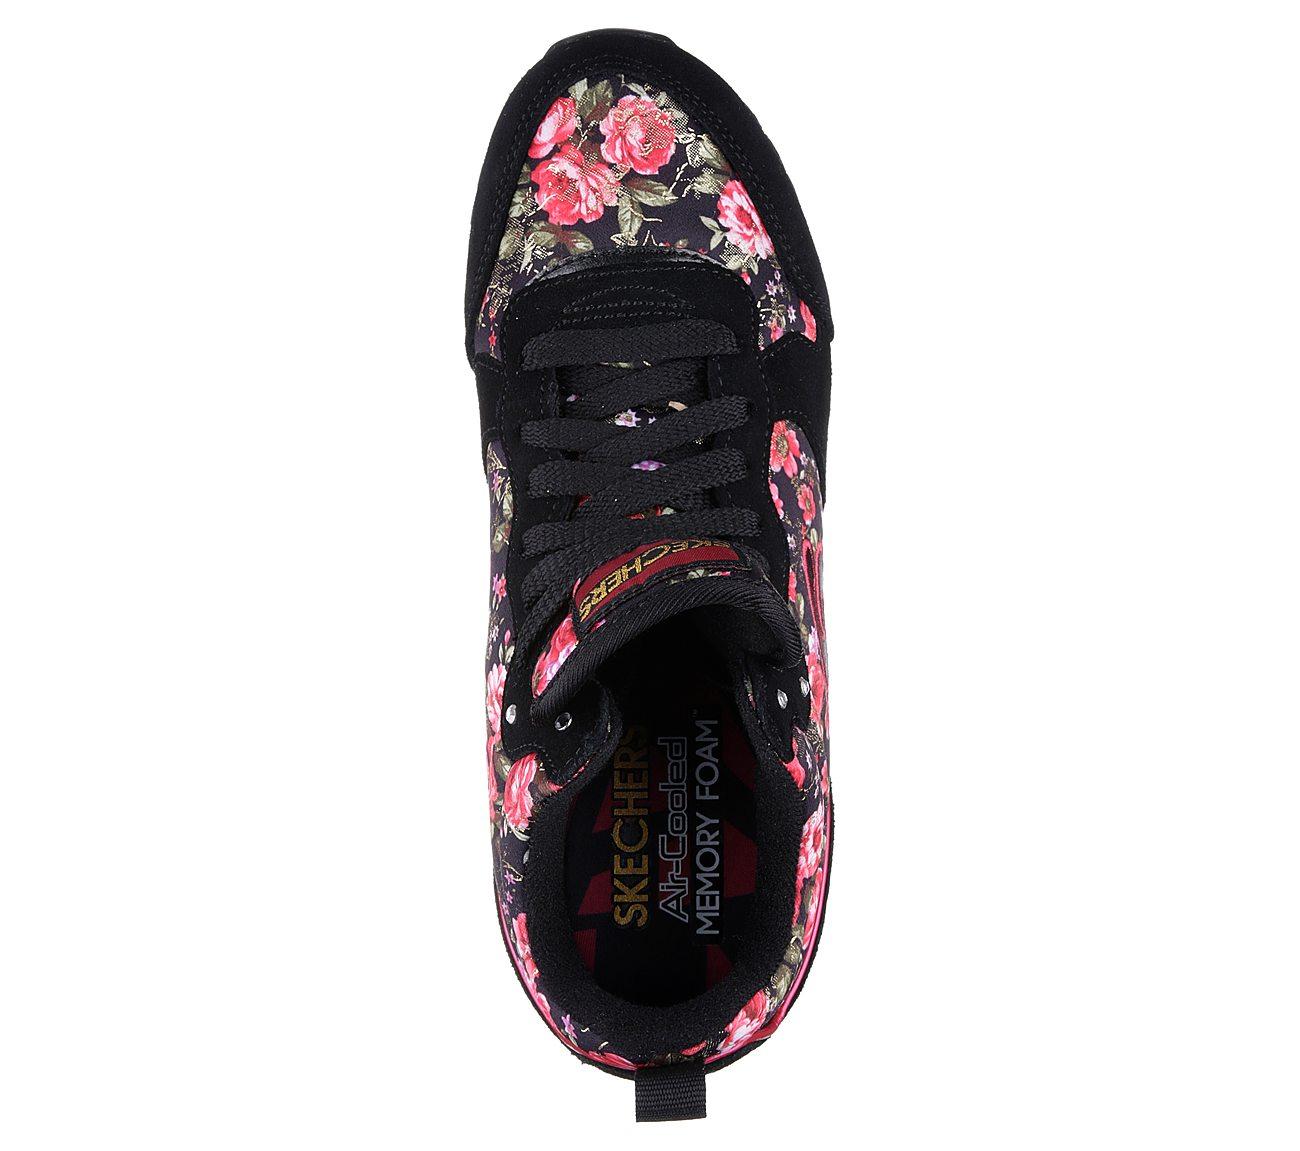 b5aafed23b58 Buy SKECHERS OG 85 - Hollywood Rose Originals Shoes only  65.00